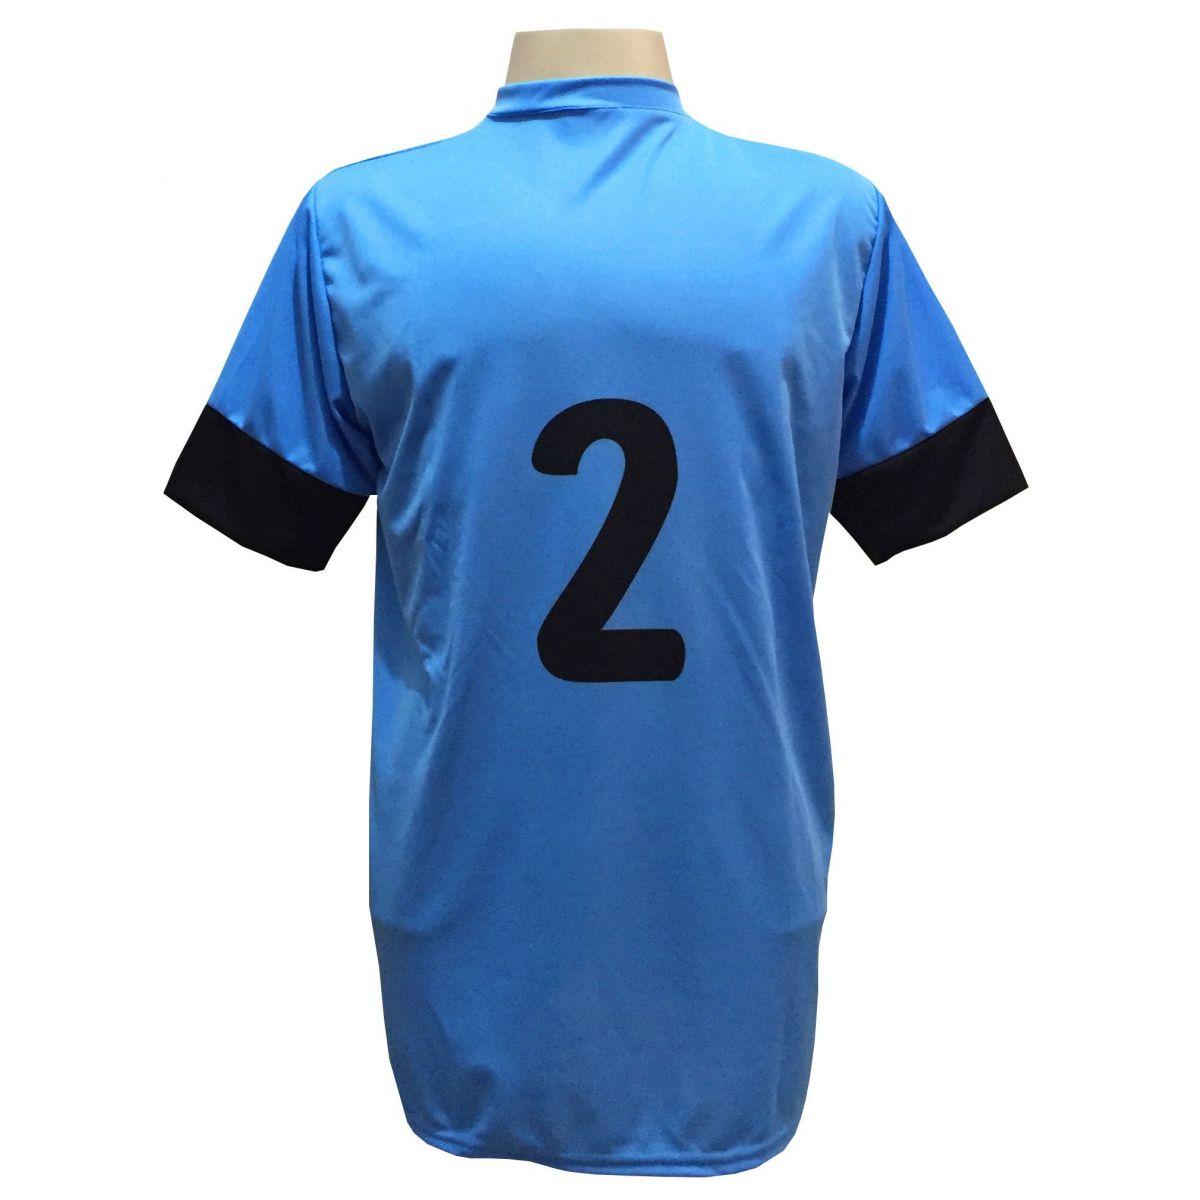 Jogo de Camisa com 18 unidades modelo Columbus Celeste/Preto + 1 Goleiro + Brindes